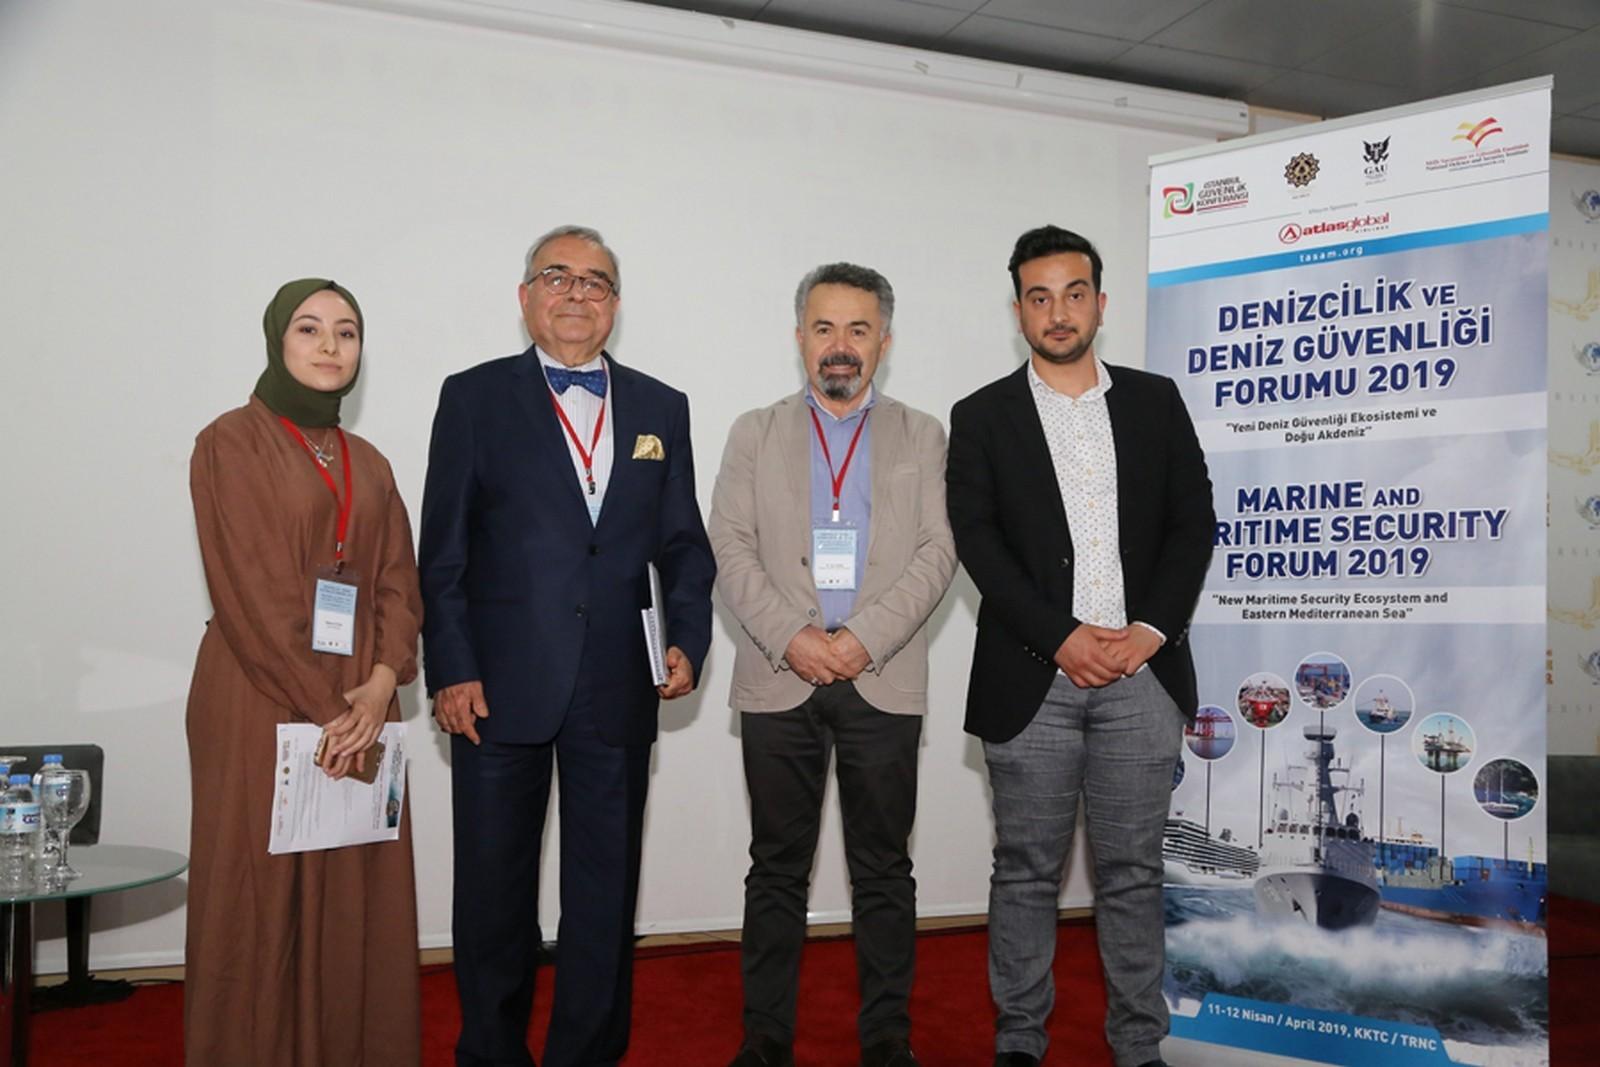 11-12 Nisan Denizcilik ve Deniz Güvenliği Forumu